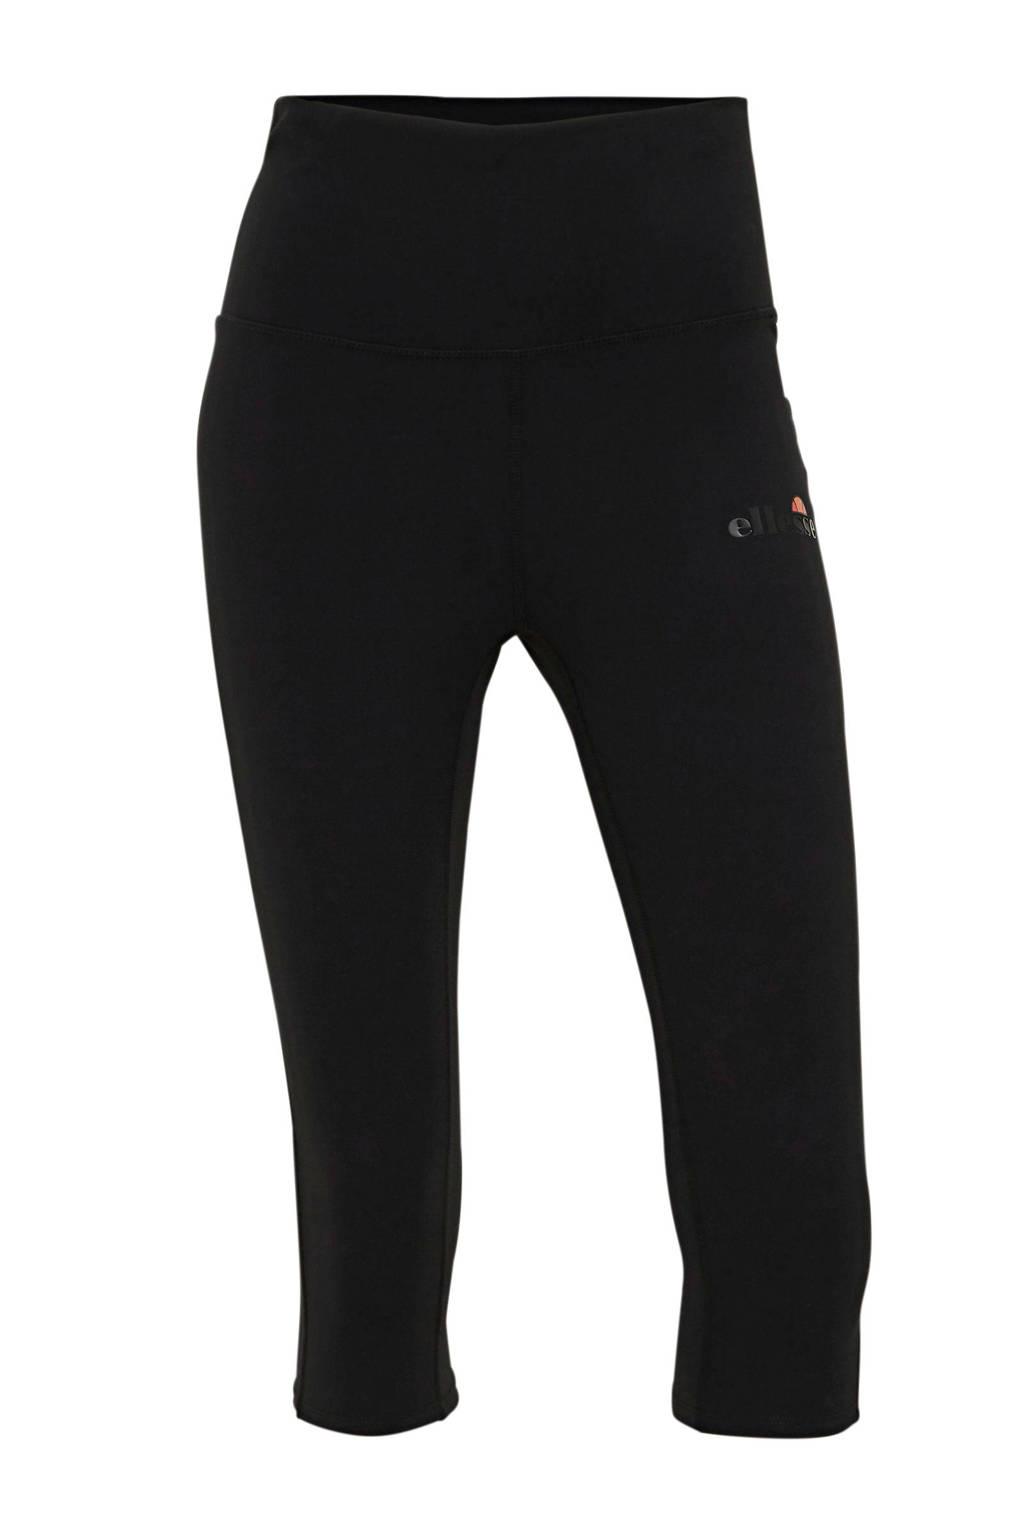 Ellesse broek zwart, Zwart